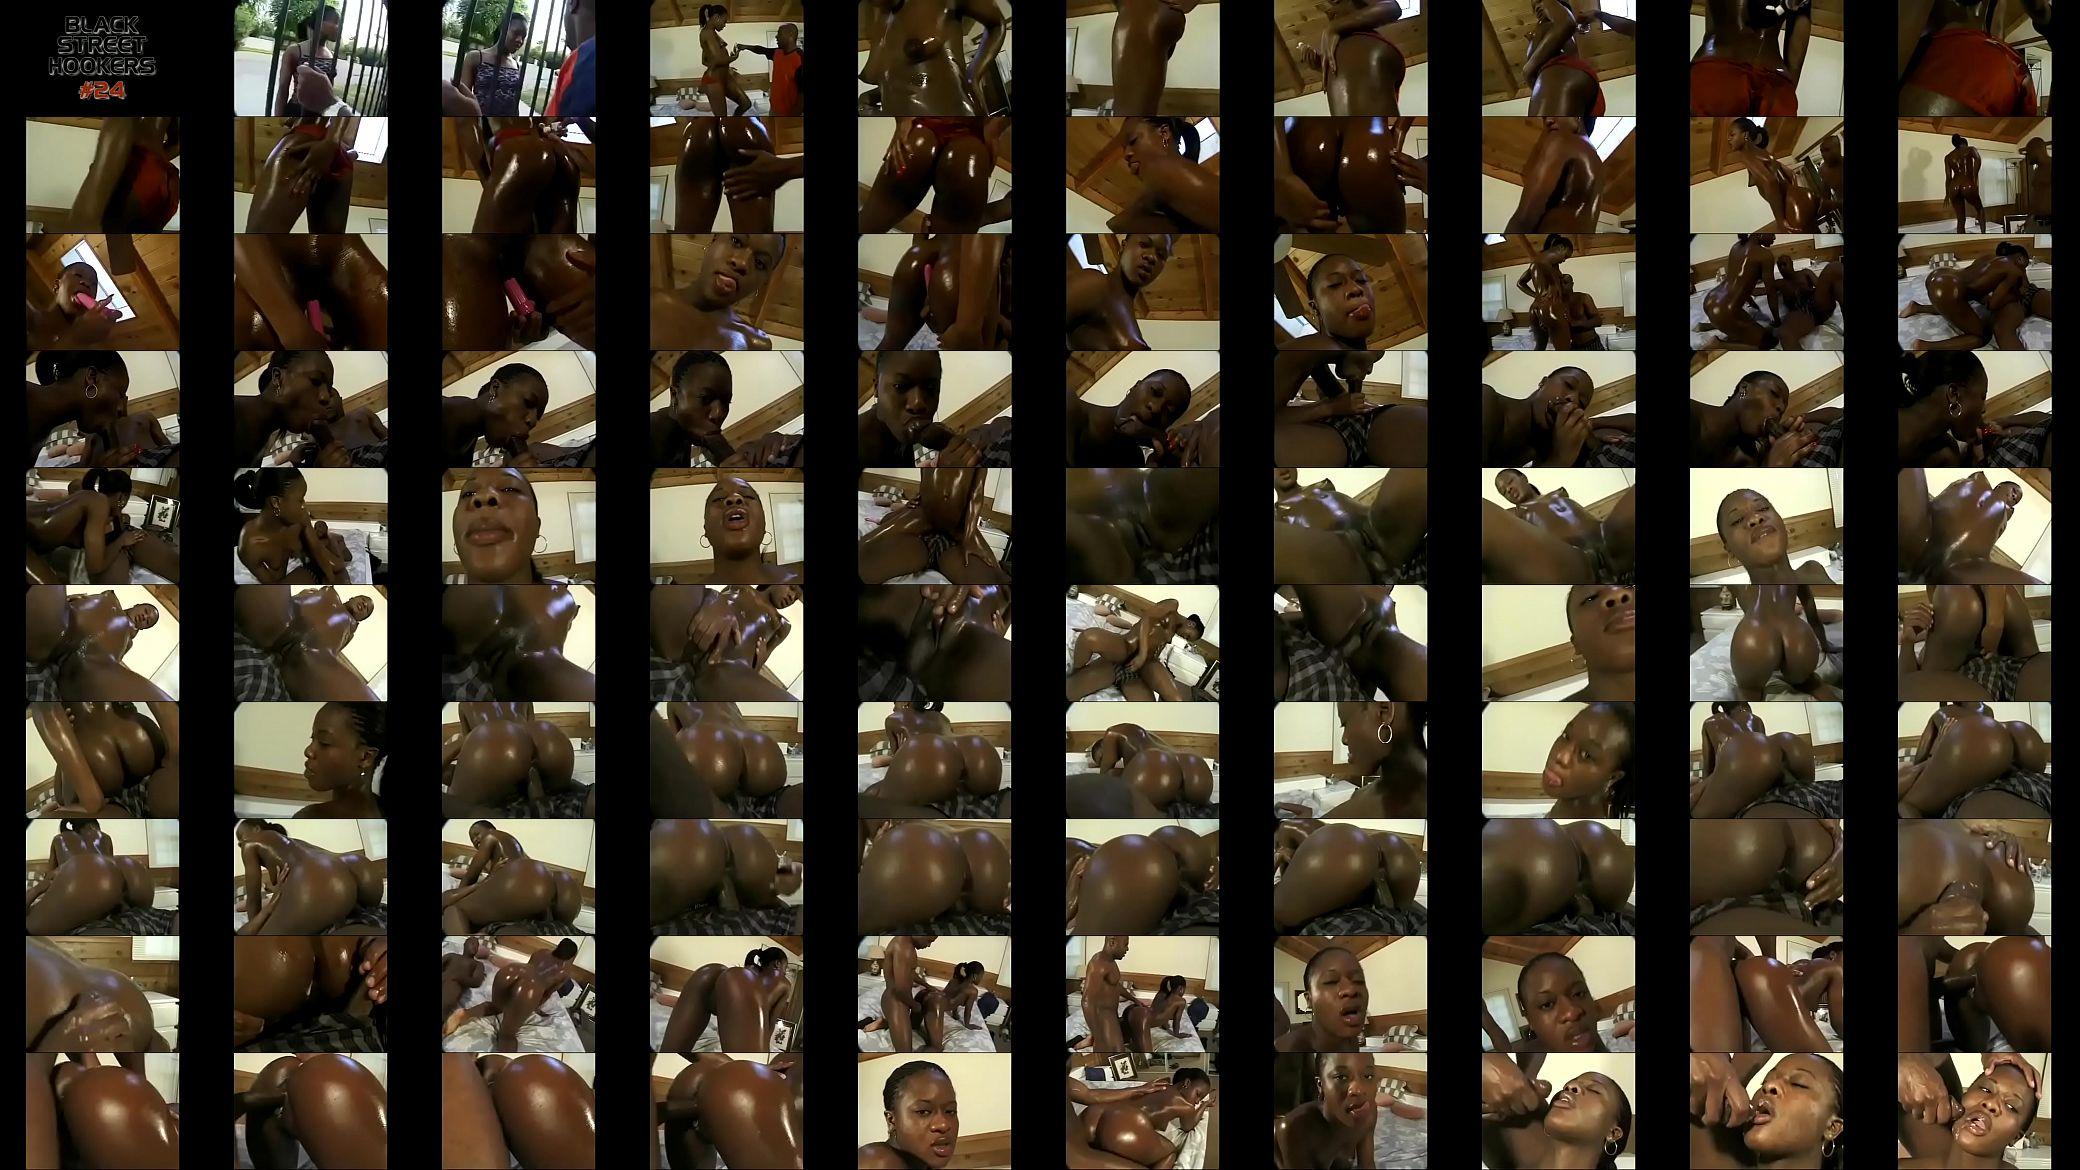 Kerry washington sexy nude pics